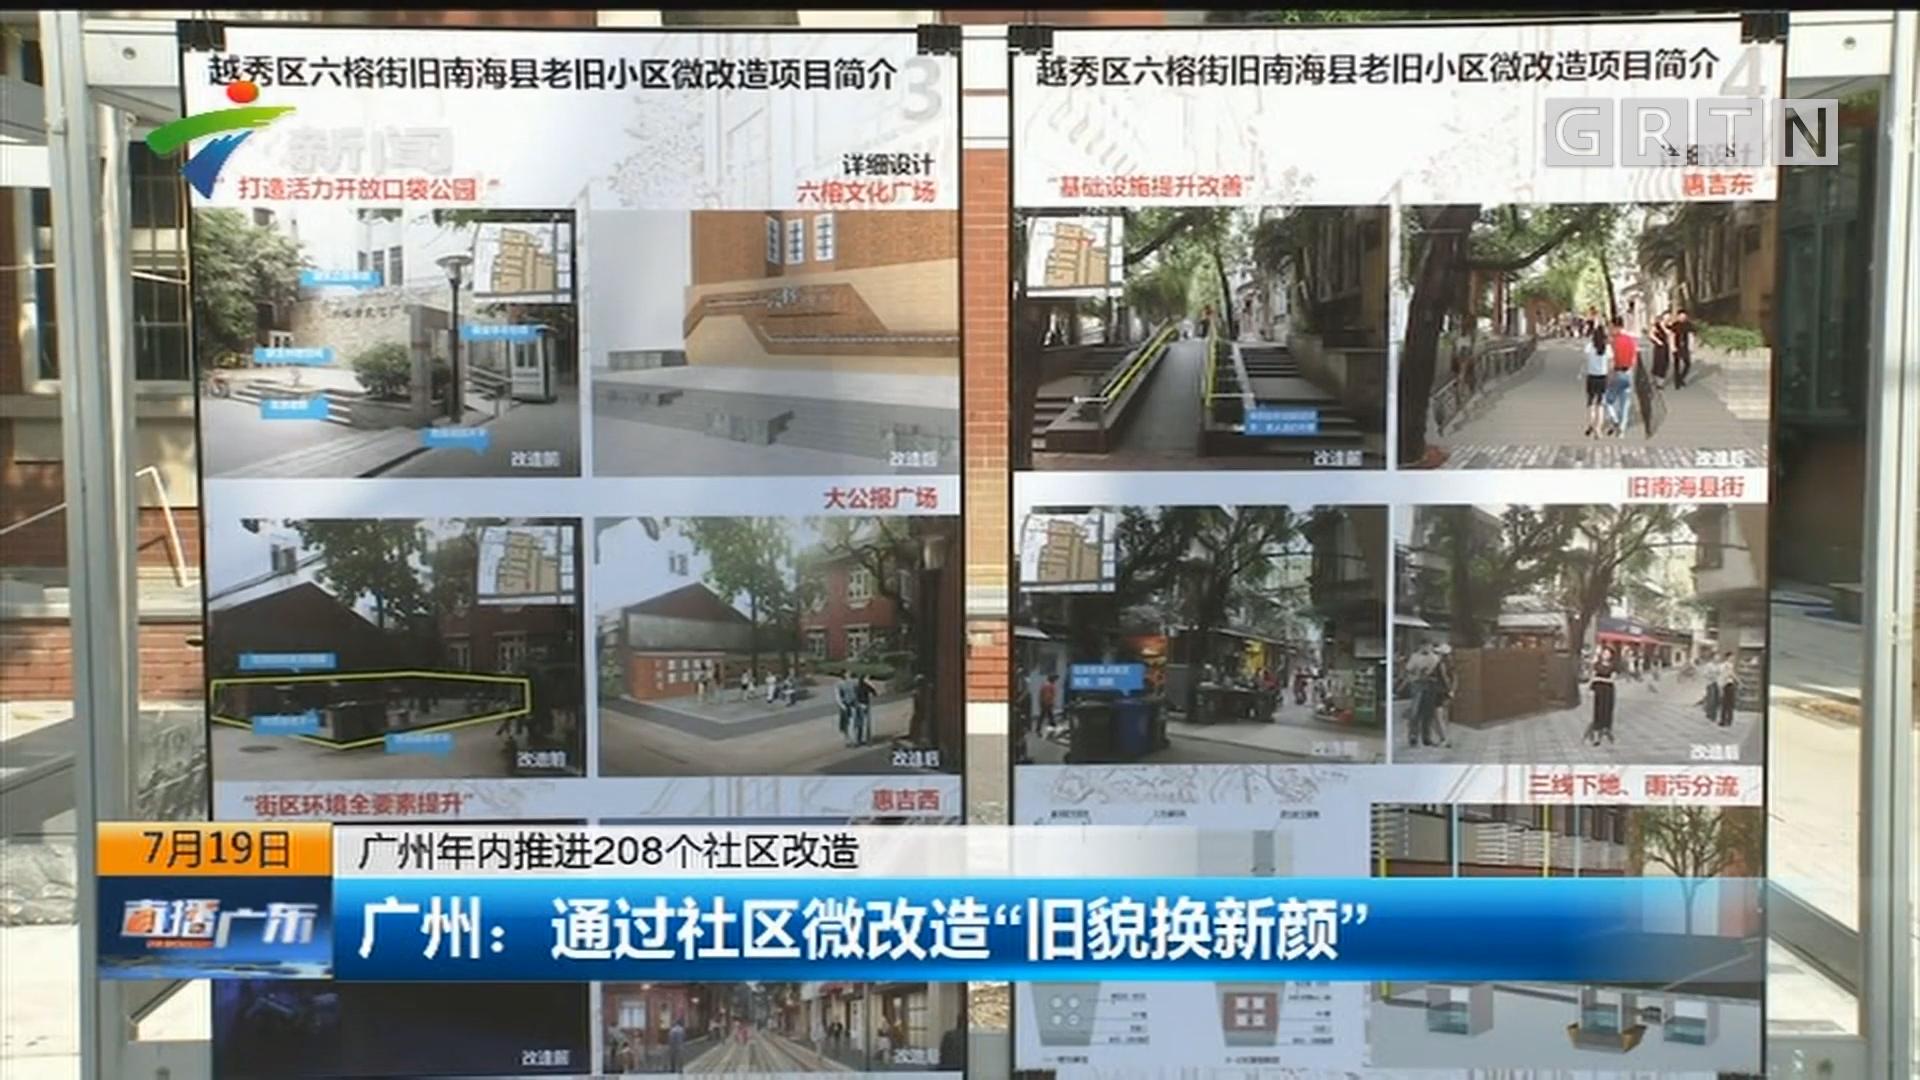 """广州年内推进208个社区改造 广州:通过社区微改造""""旧貌换新颜"""""""